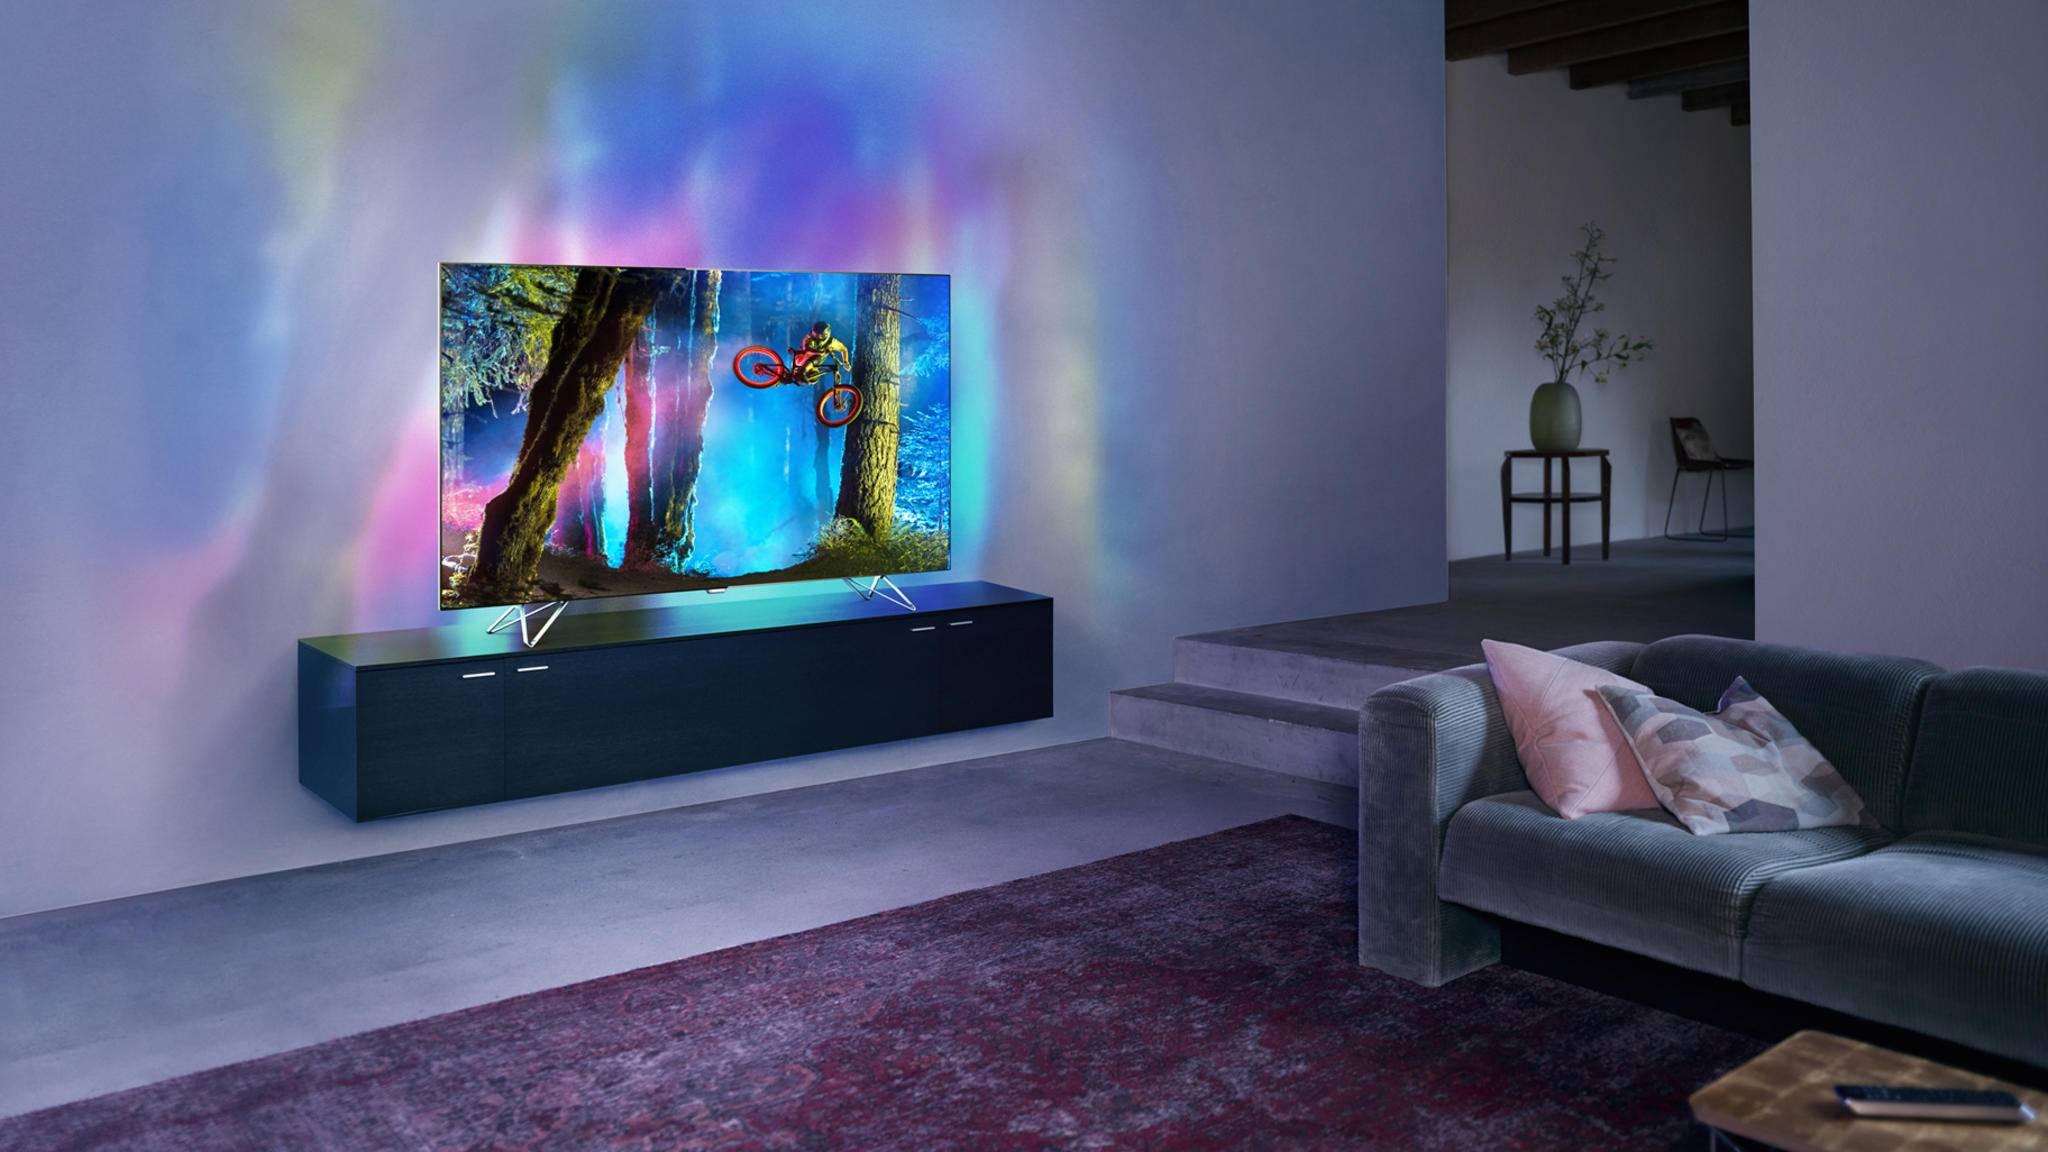 Ambilight sieht toll aus - ist aber nativ nur auf Philips-TVs verfügbar.